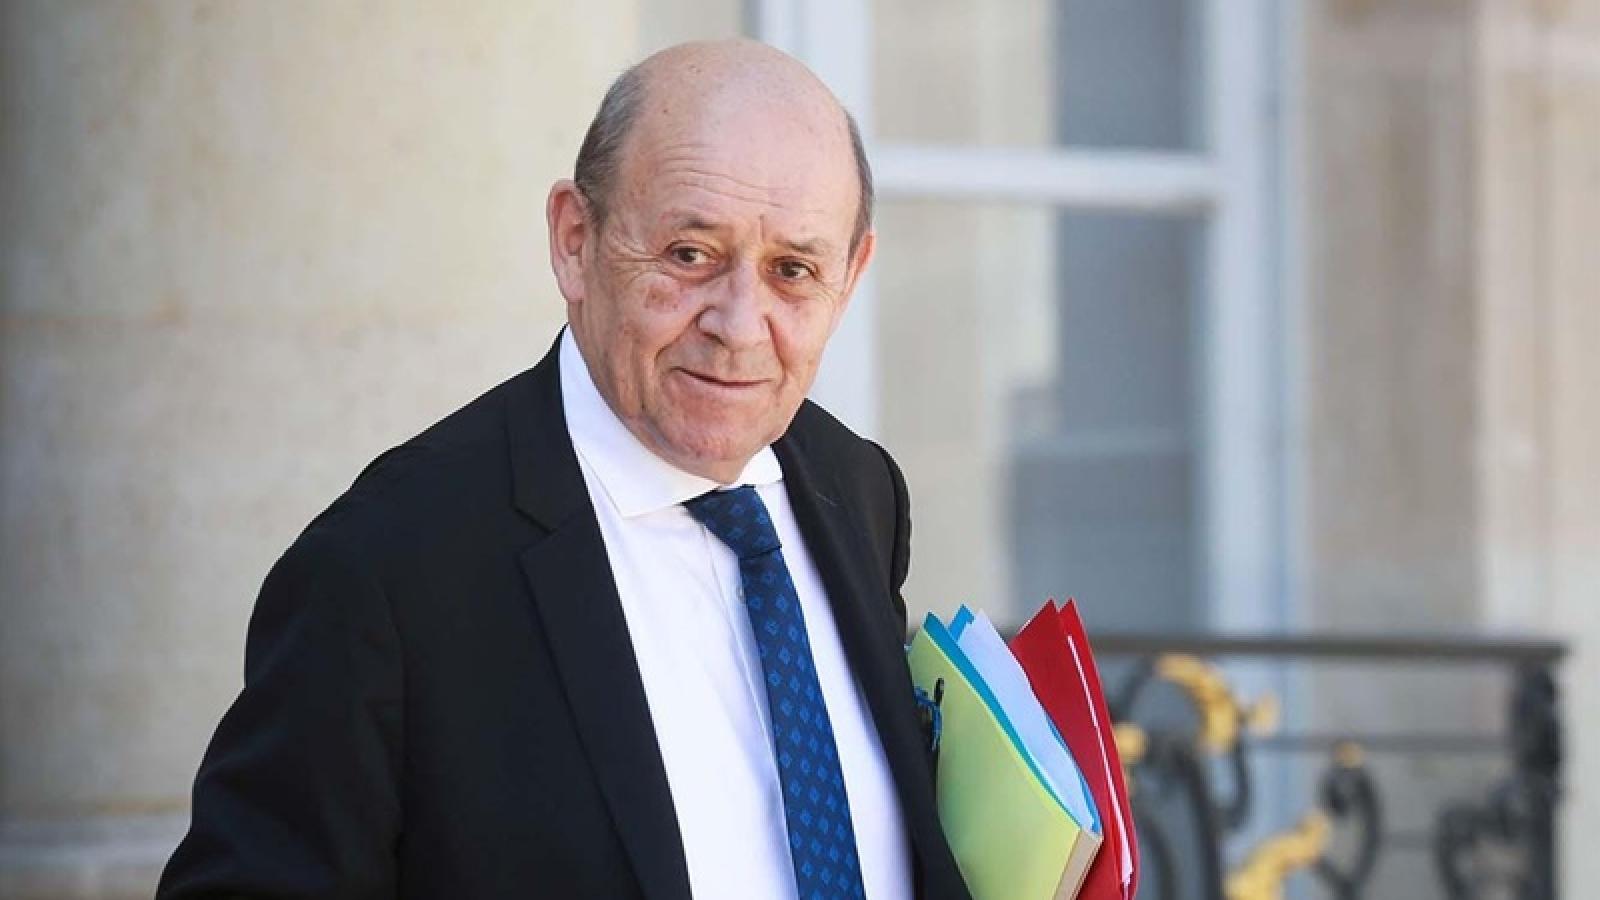 Ngoại trưởng Pháp thăm Ai Cập với sứ mệnh hòa giải với thế giới Hồi giáo